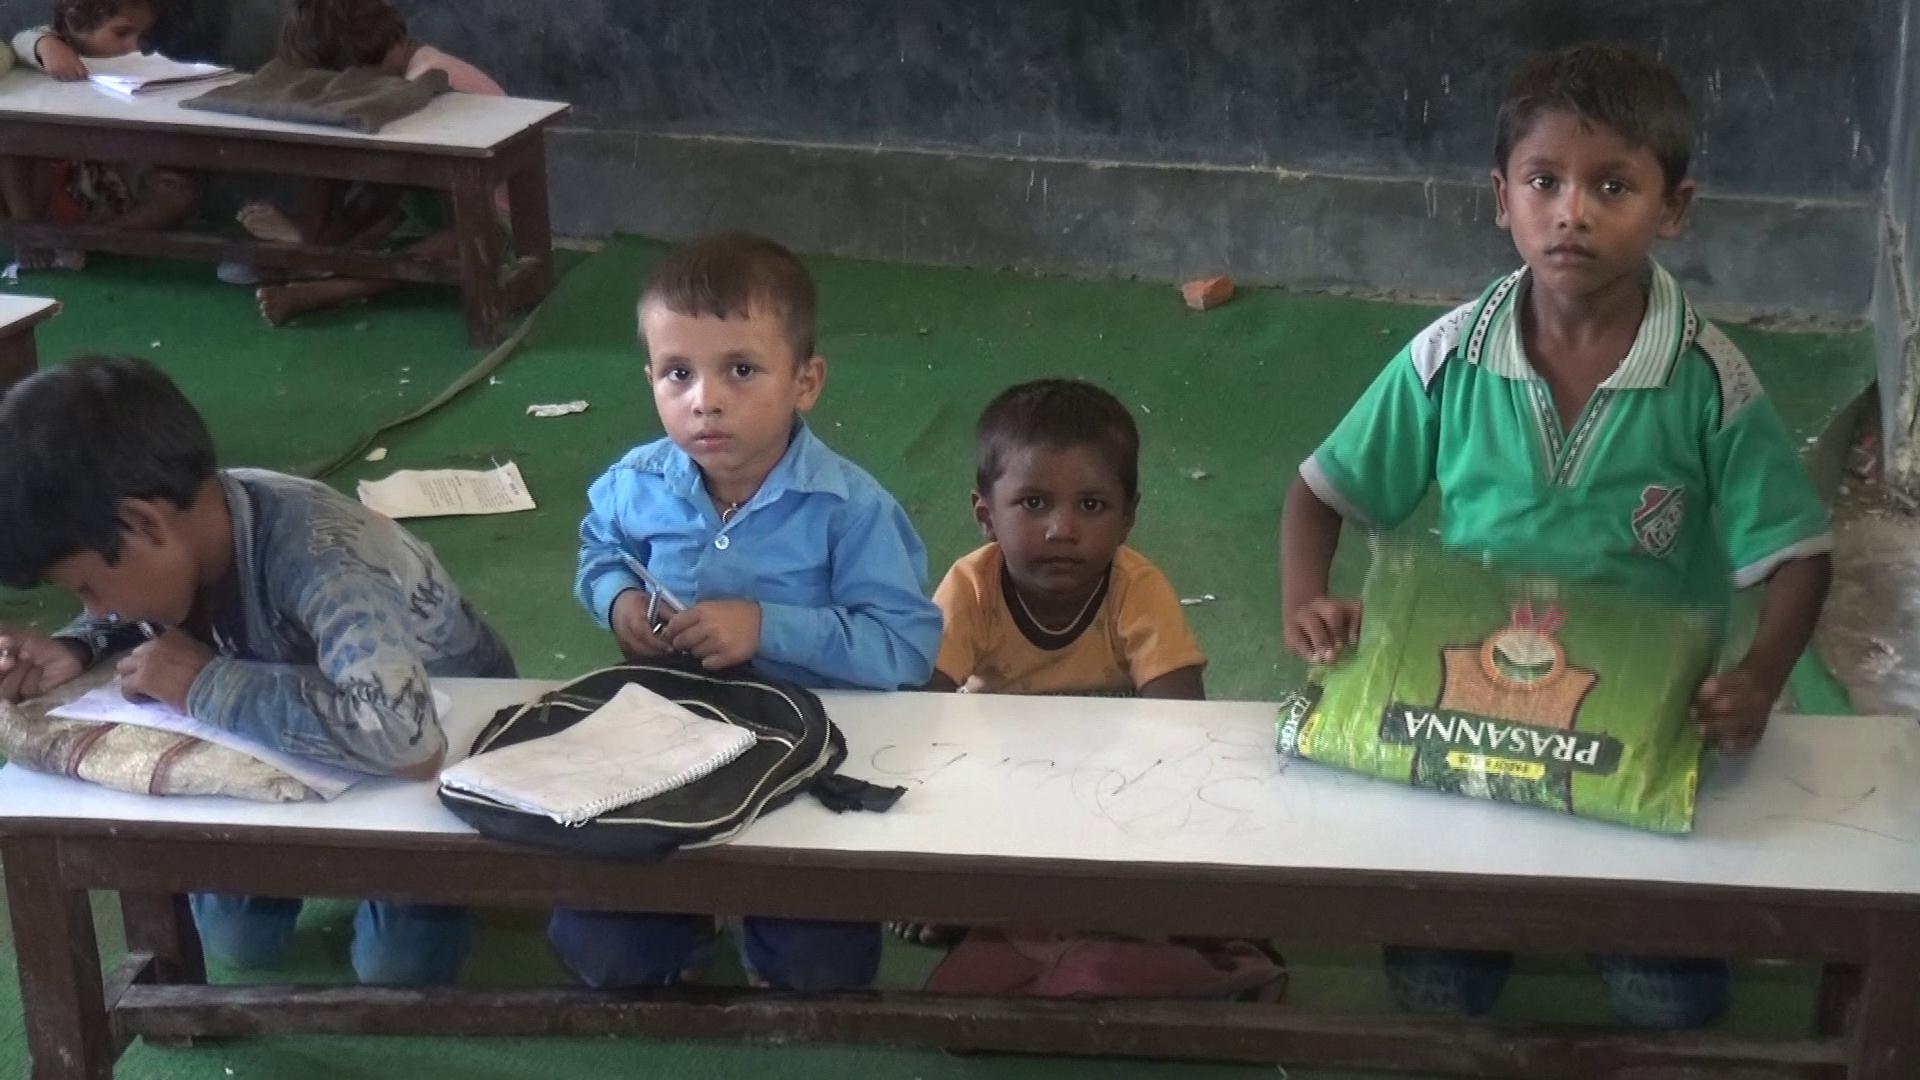 गाउँका स्कुलः विद्यार्थी छन्, शिक्षक छैनन